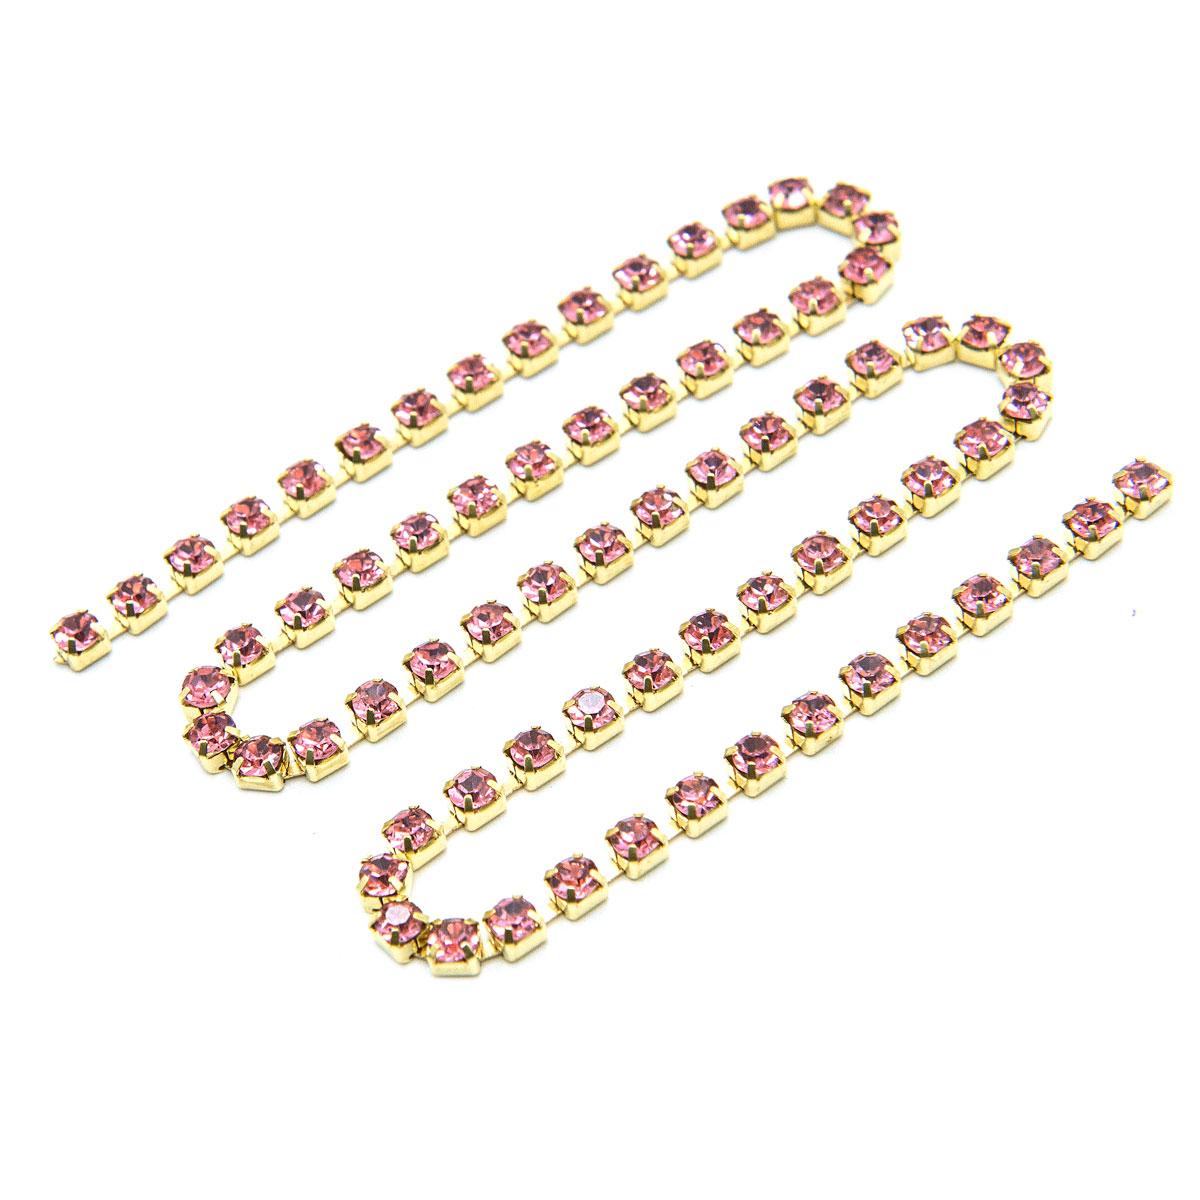 ЦС006ЗЦ3 Стразовые цепочки (золото), цвет: розовый, размер 3 мм, 30 см/упак.